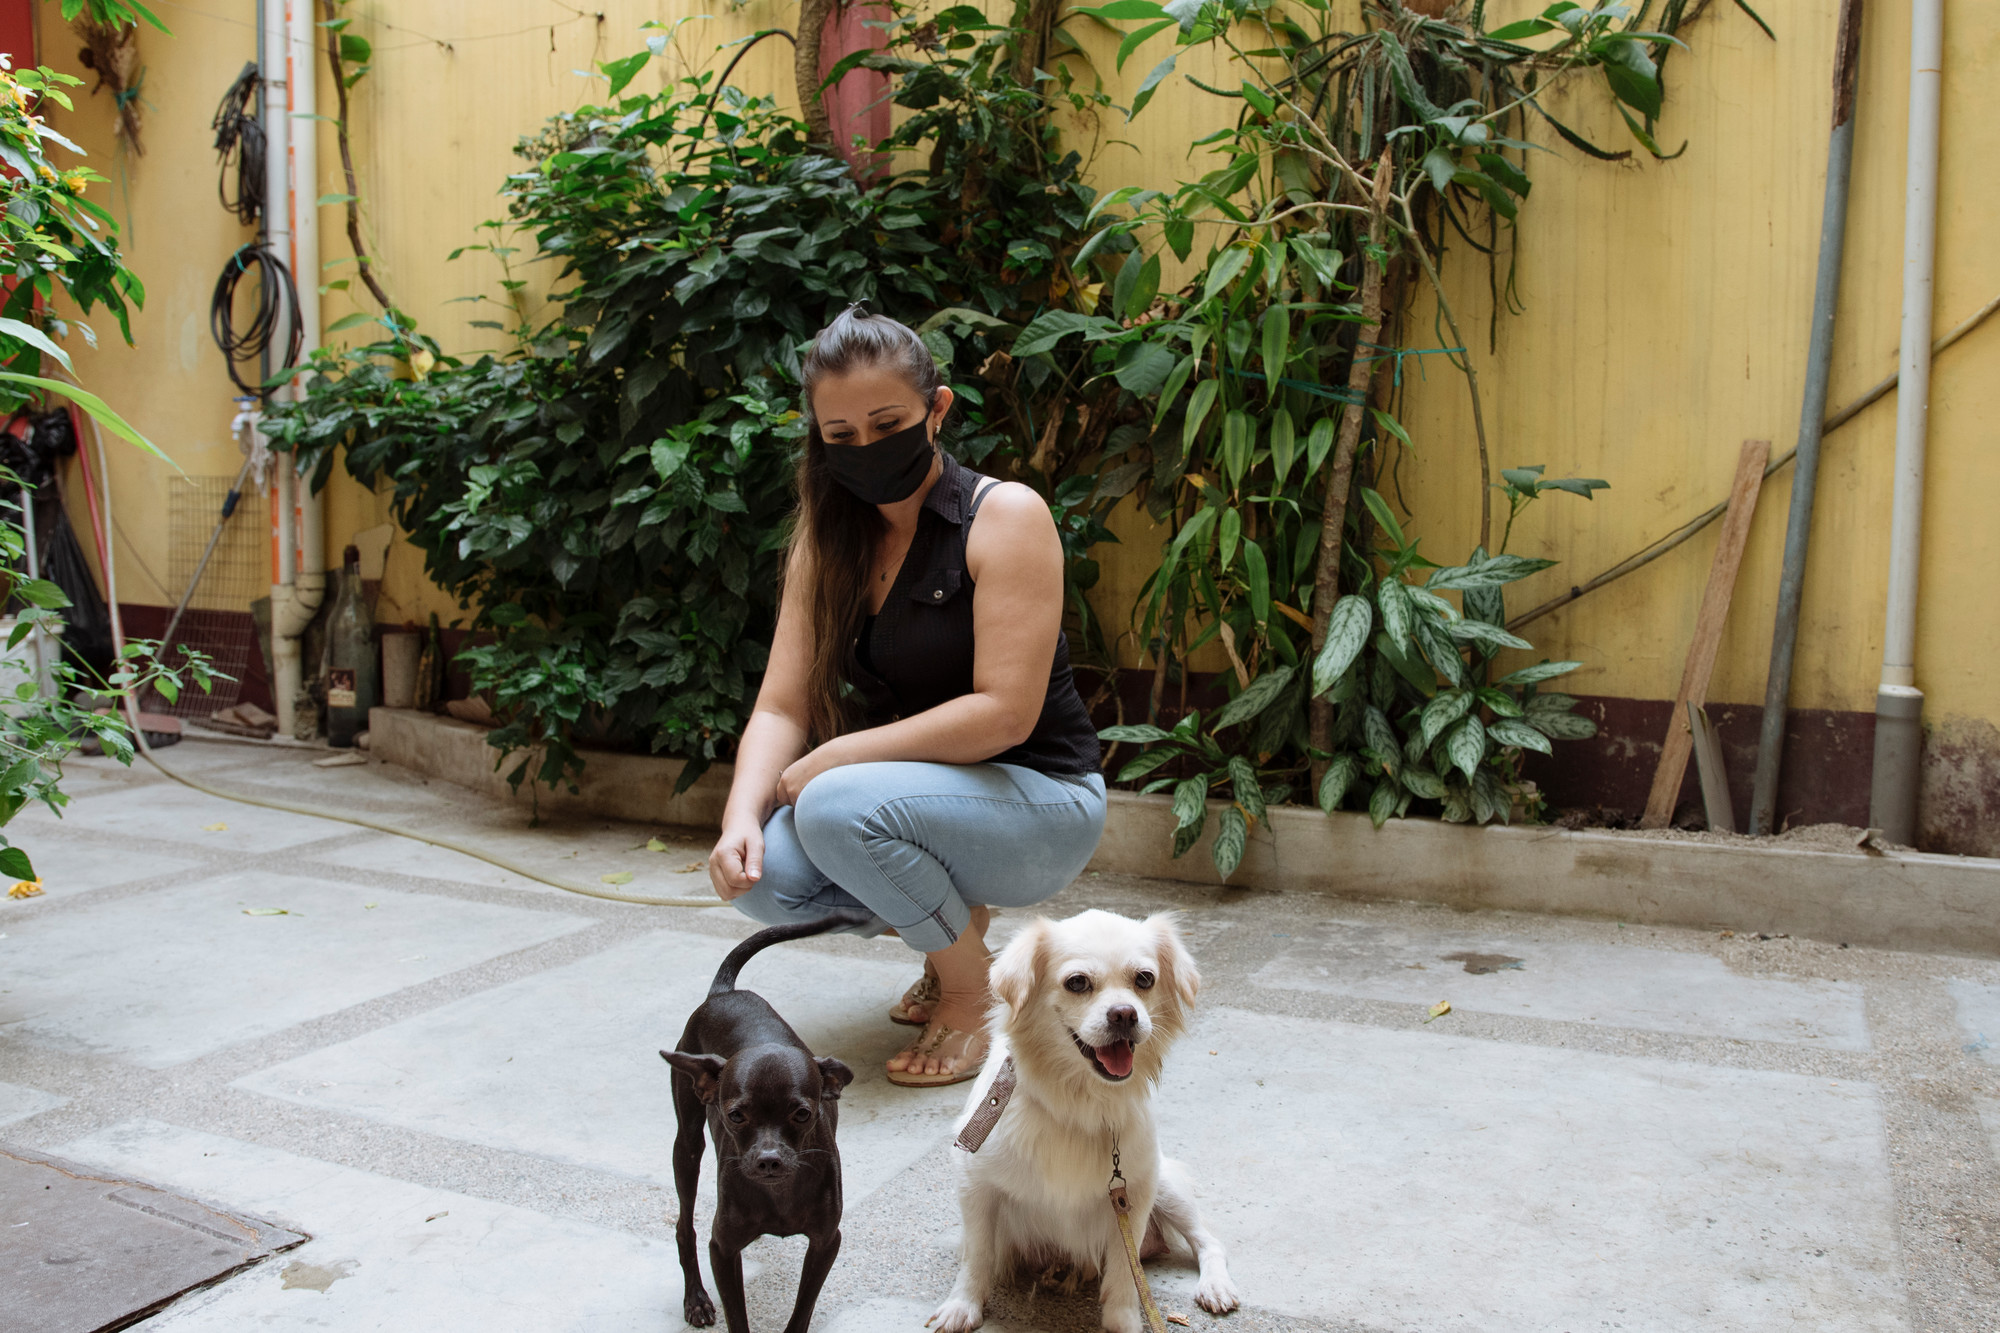 Uma mulher com uma máscara facial se ajoelha enquanto olha para dois cachorros à sua frente.